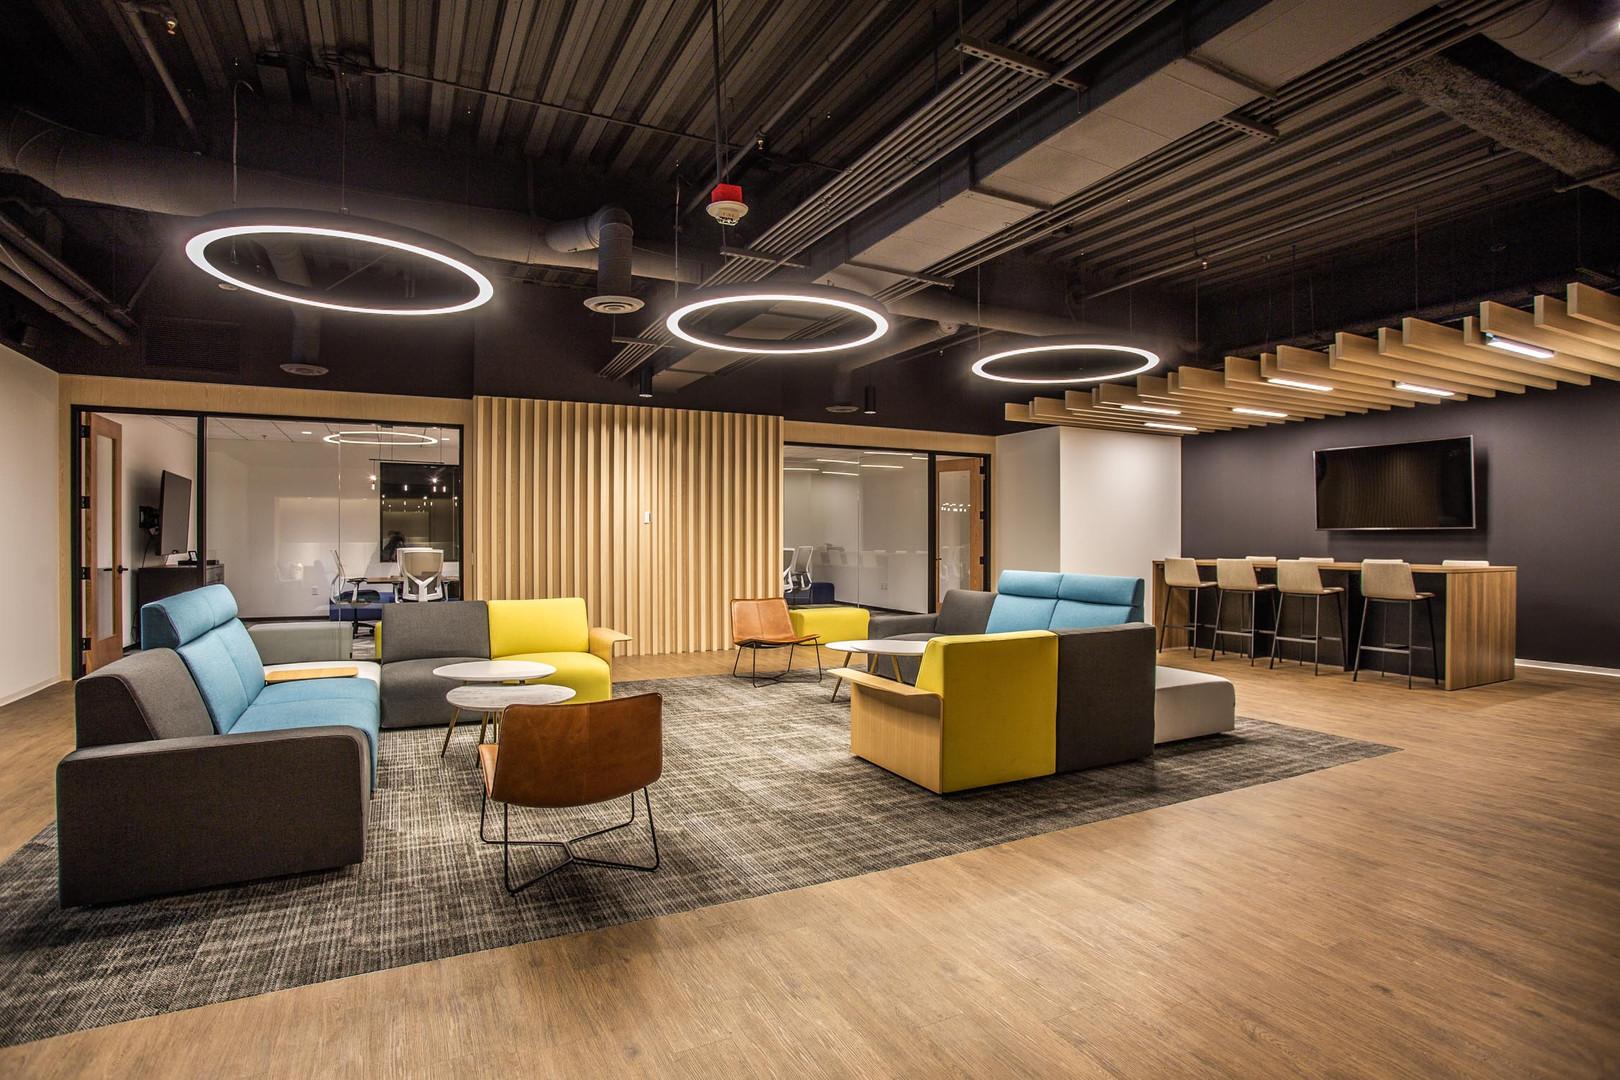 Auditboard Cerritos lobby